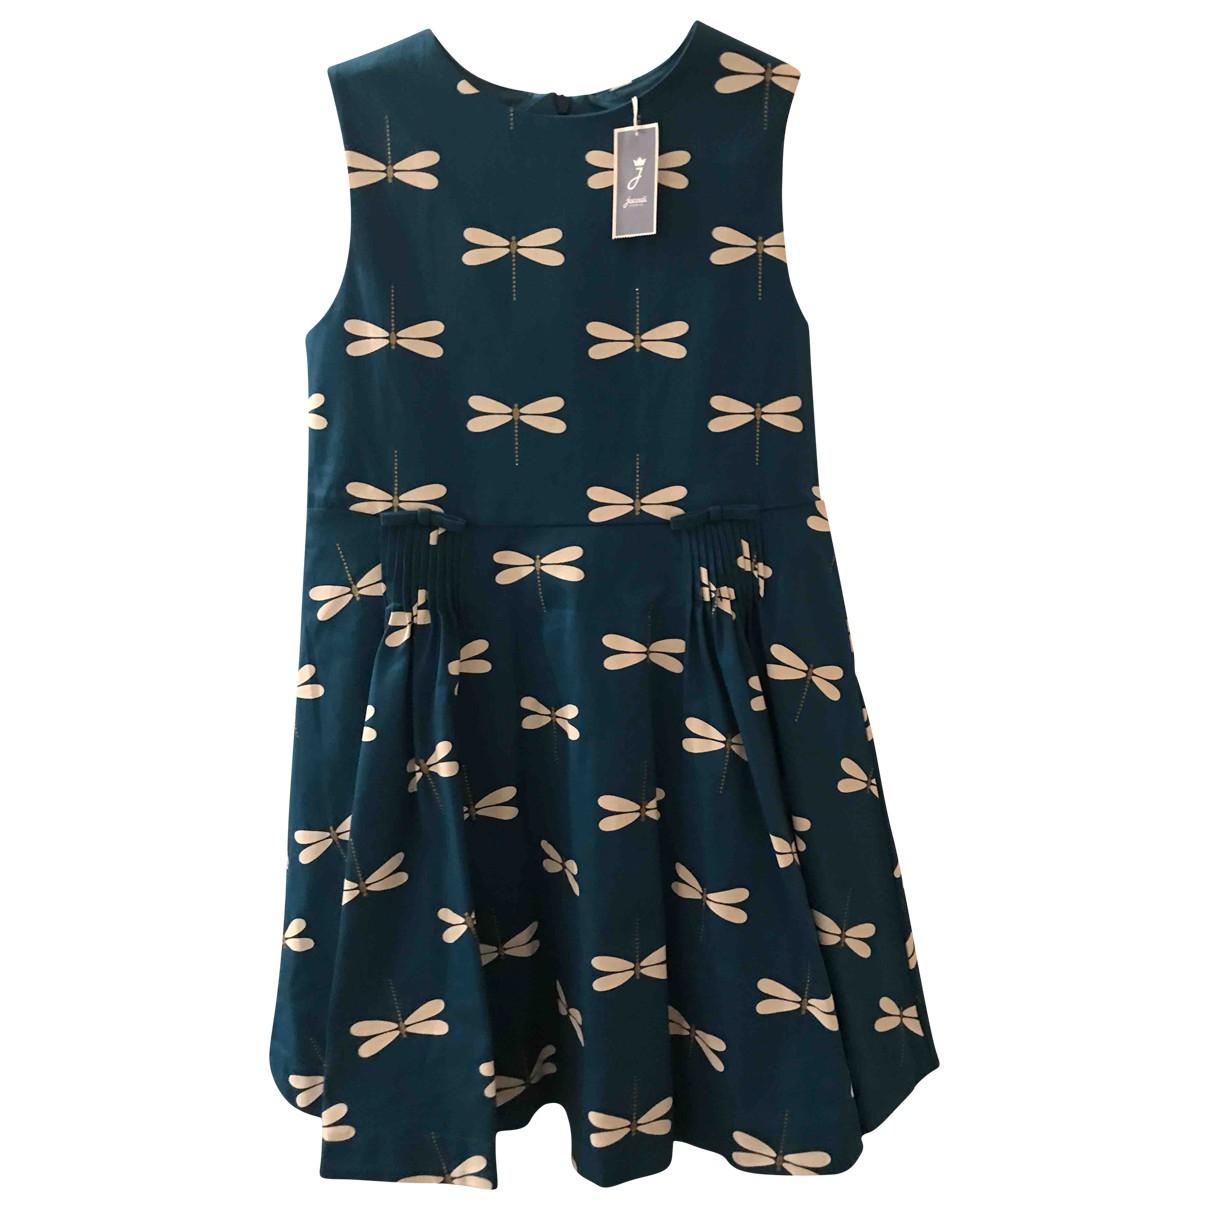 Jacadi \N Kleid in  Tuerkis Baumwolle